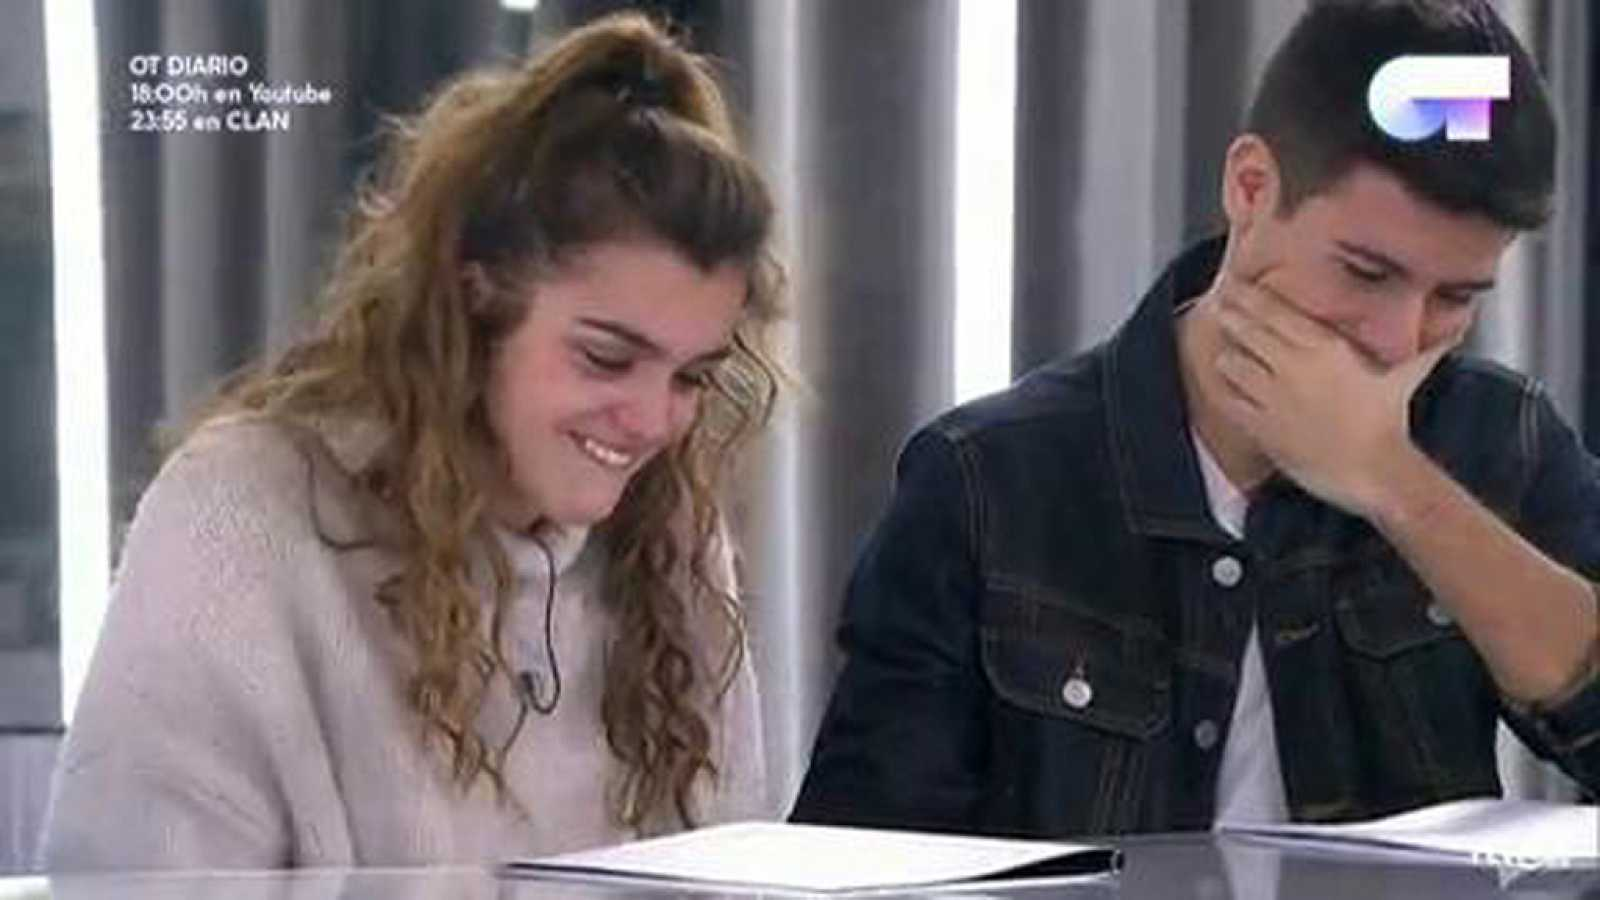 Tu canción', el tema de Eurovisión hecho a medida de Amaia y Alfred